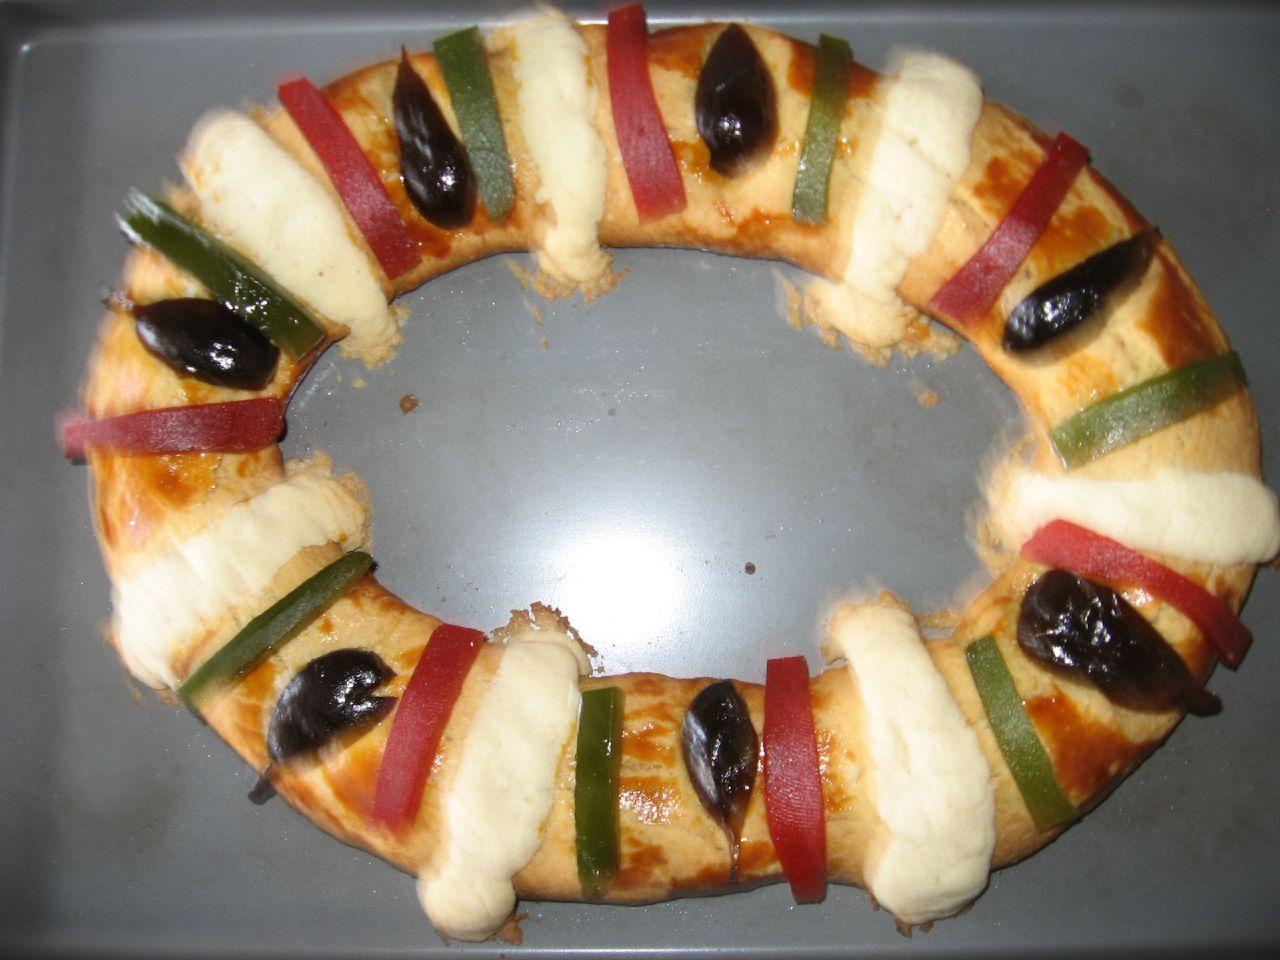 File:Rosca de reyes.jpg - Wikimedia Commons